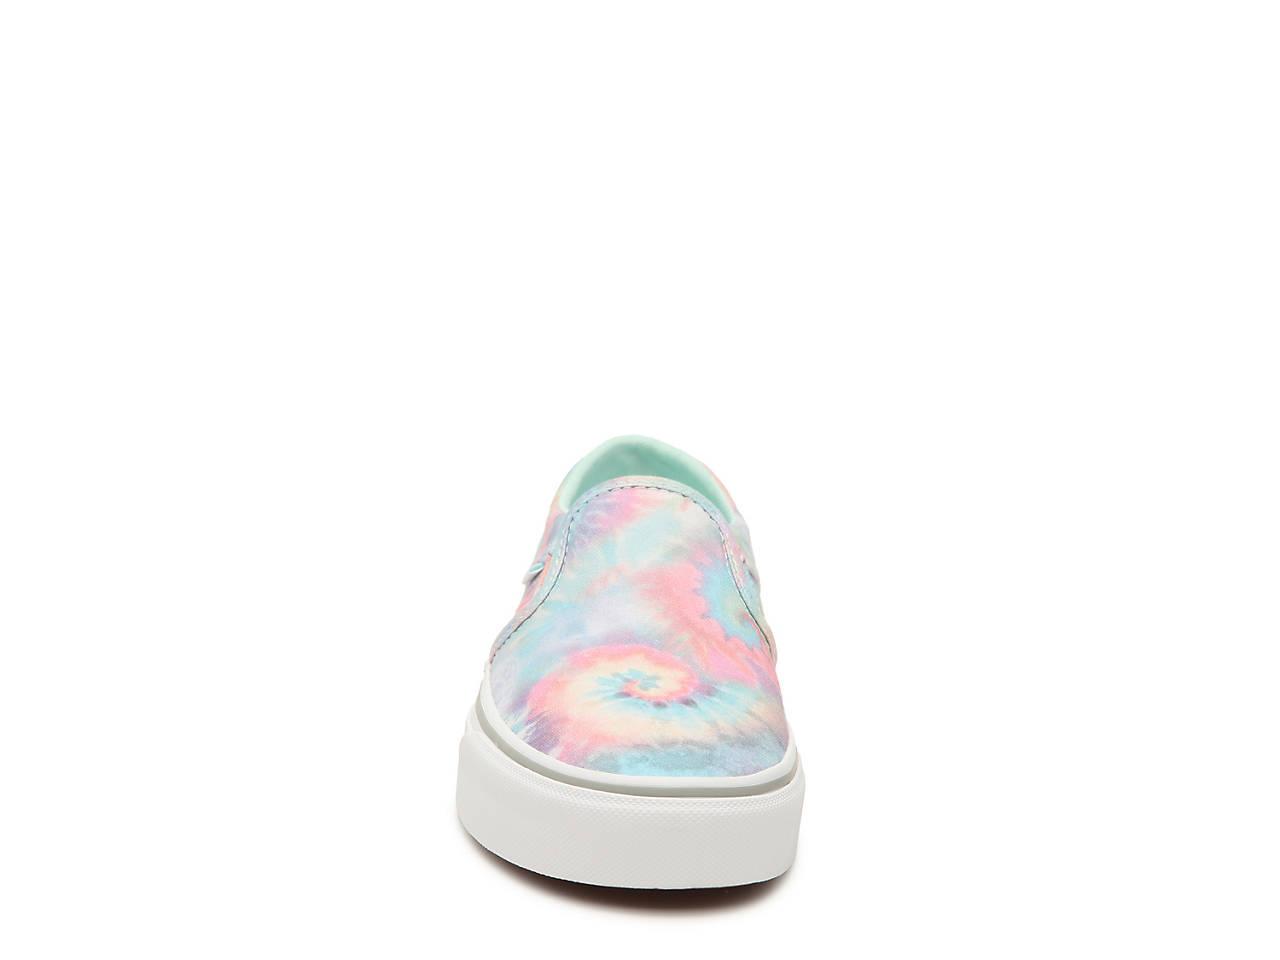 Vans Asher Tie Dye Slip On Sneaker Women's Women's Shoes DSW  DSW